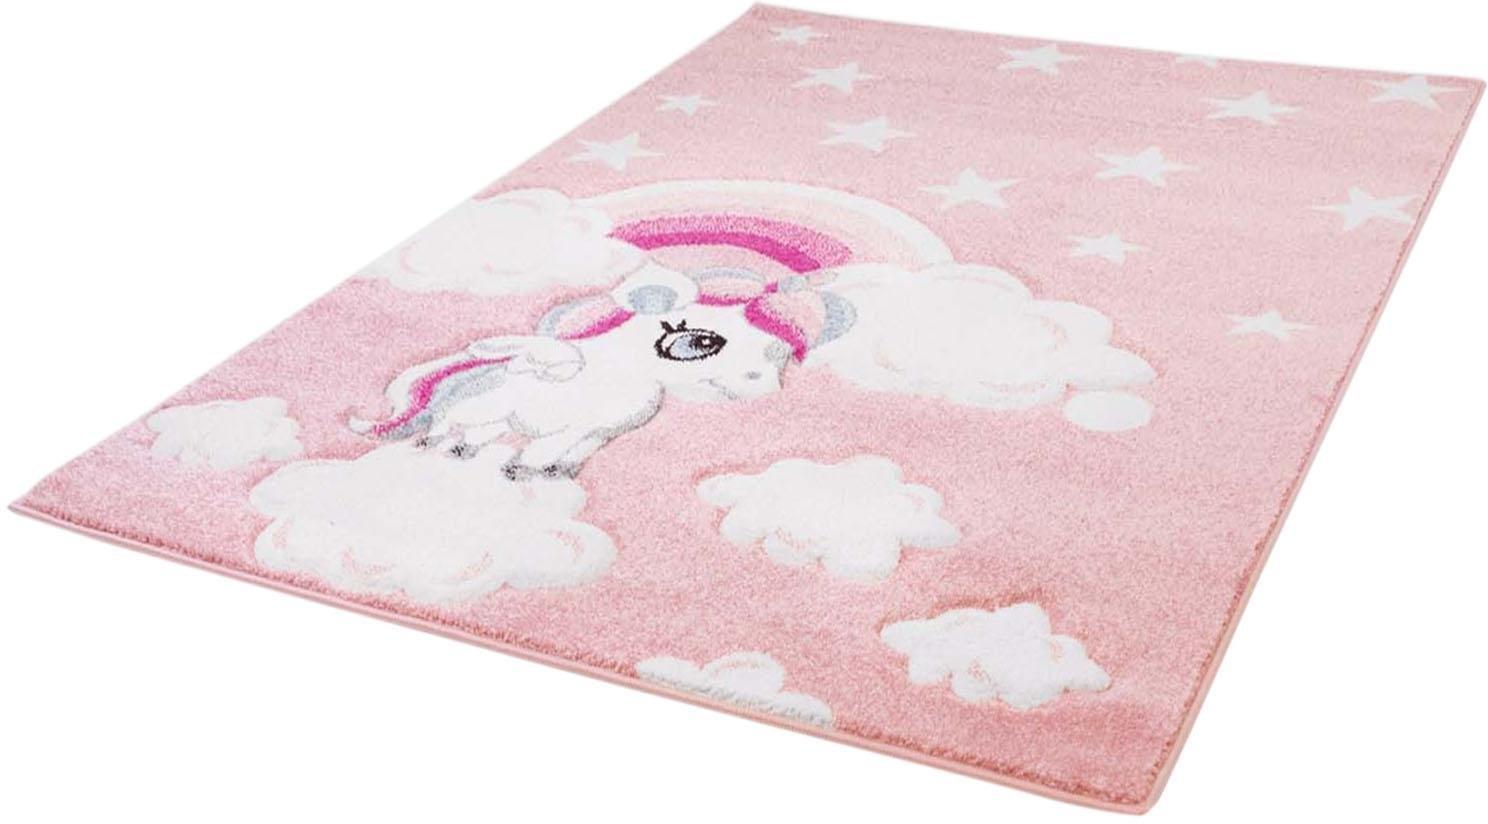 Op zoek naar een Carpet City vloerkleed voor de kinderkamer Bueno Kids 1450 Eenhoorn, met de hand gesneden reliëfpatroon? Koop online bij OTTO